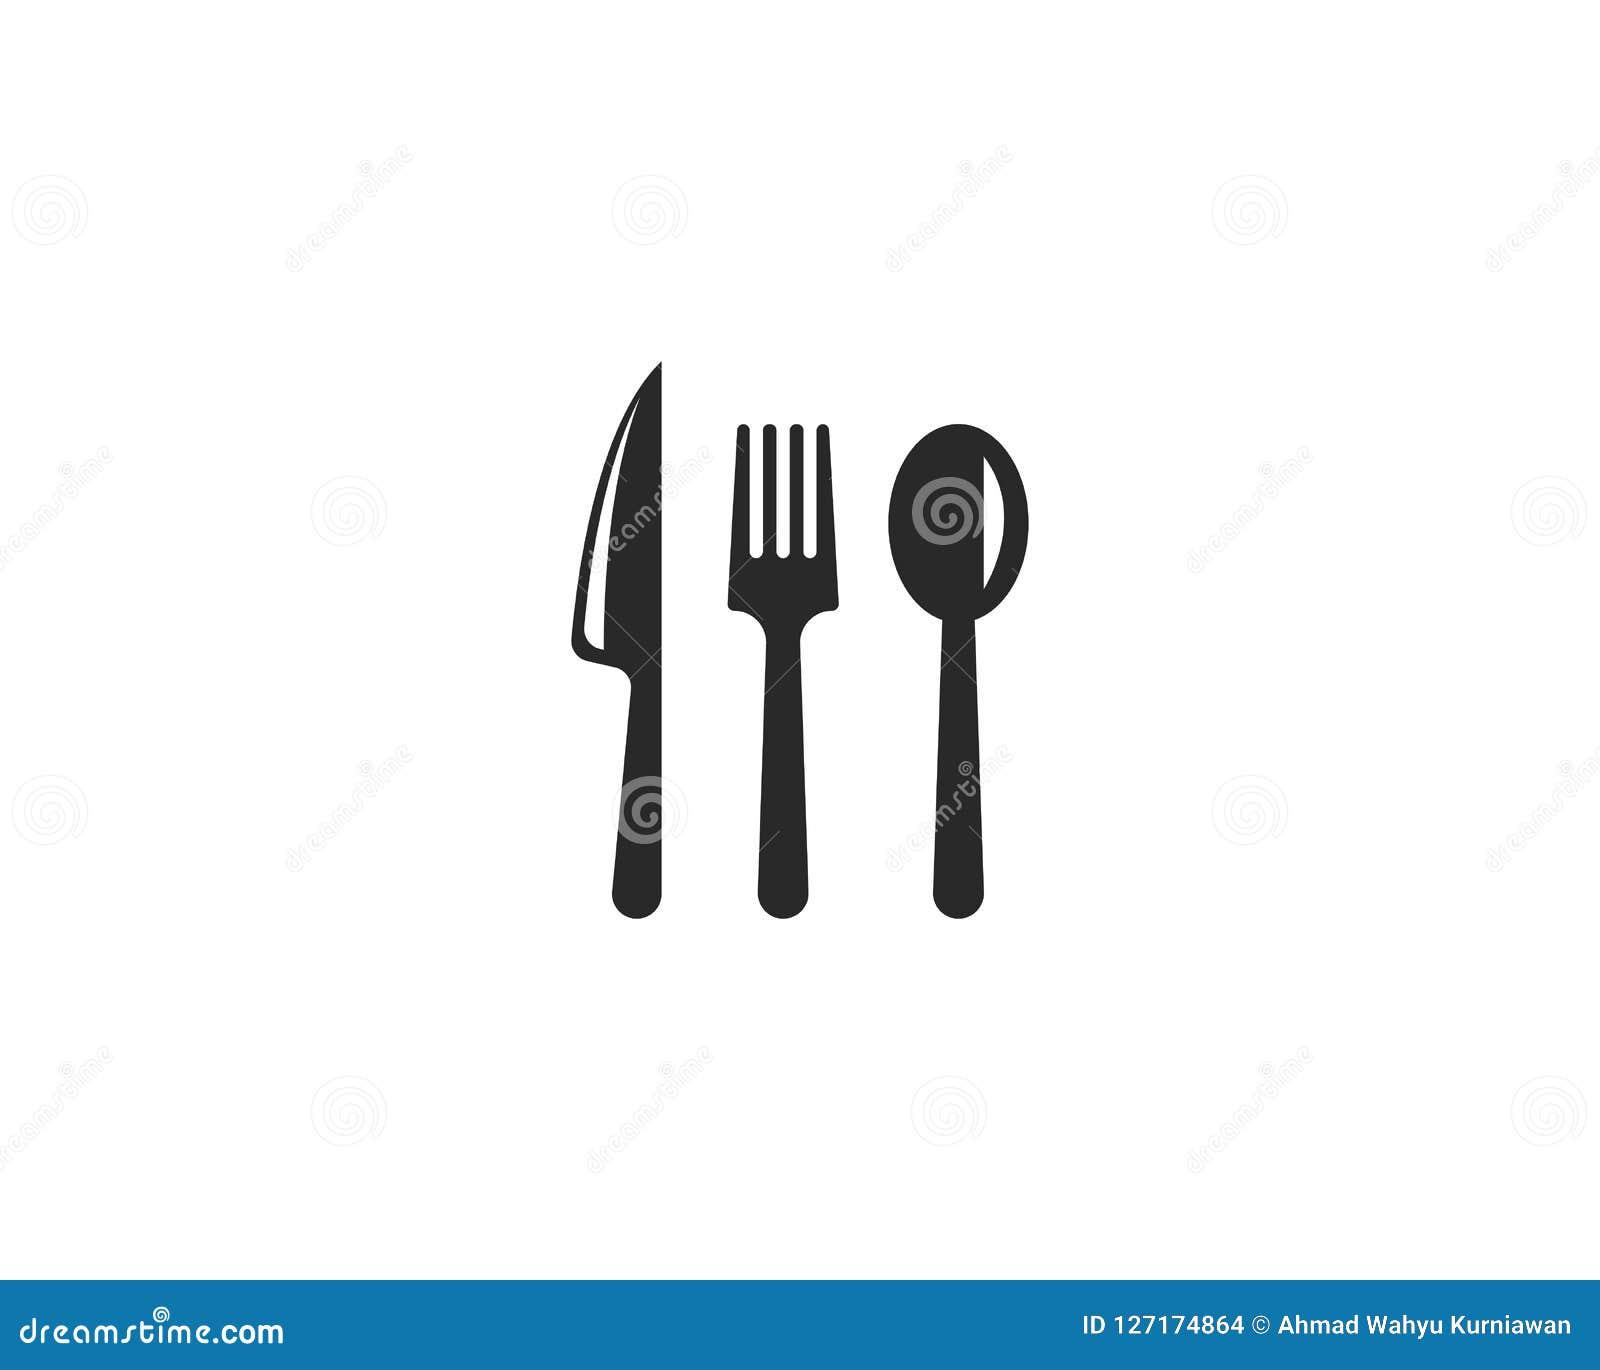 εικονίδιο δικράνων, μαχαιριών και κουταλιών